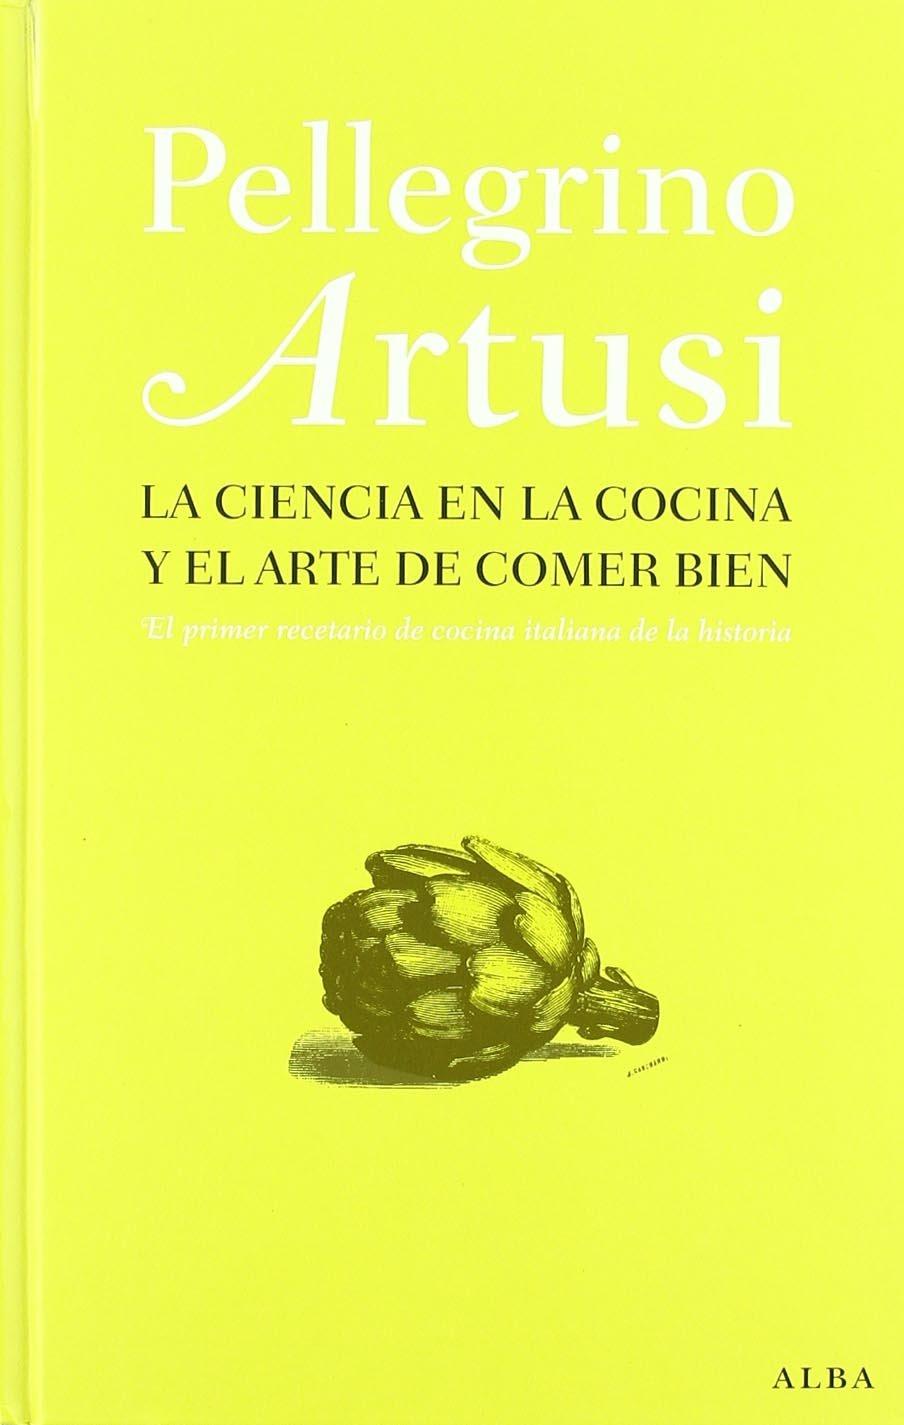 La ciencia en la cocina y el arte de comer bien: El primer recetario de cocina italiana de la historia Otras publicaciones: Amazon.es: Pellegrino Artusi, ...